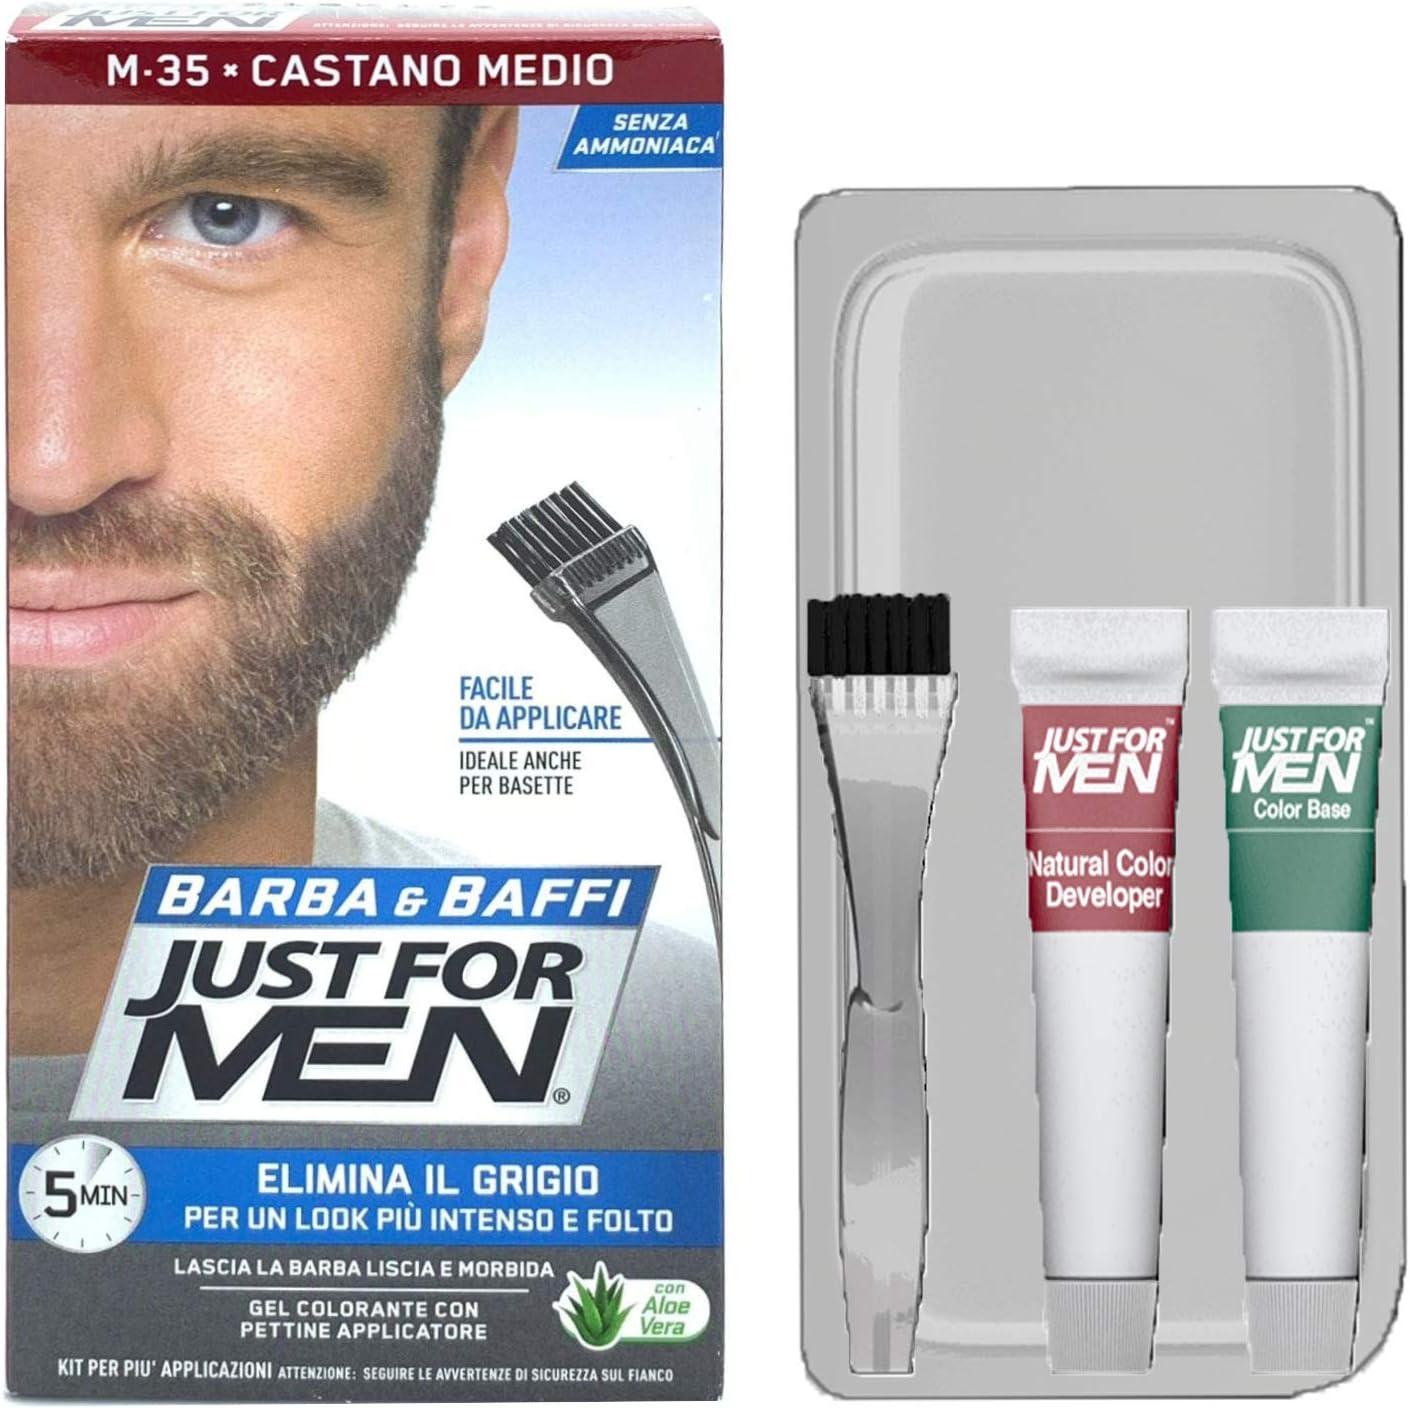 Just For Men - Barba y bigote, color tinte permanente con pincel, sin amoniaco, castaño medio M-35, 2 x 14 ml, gel colorante, 3 unidades